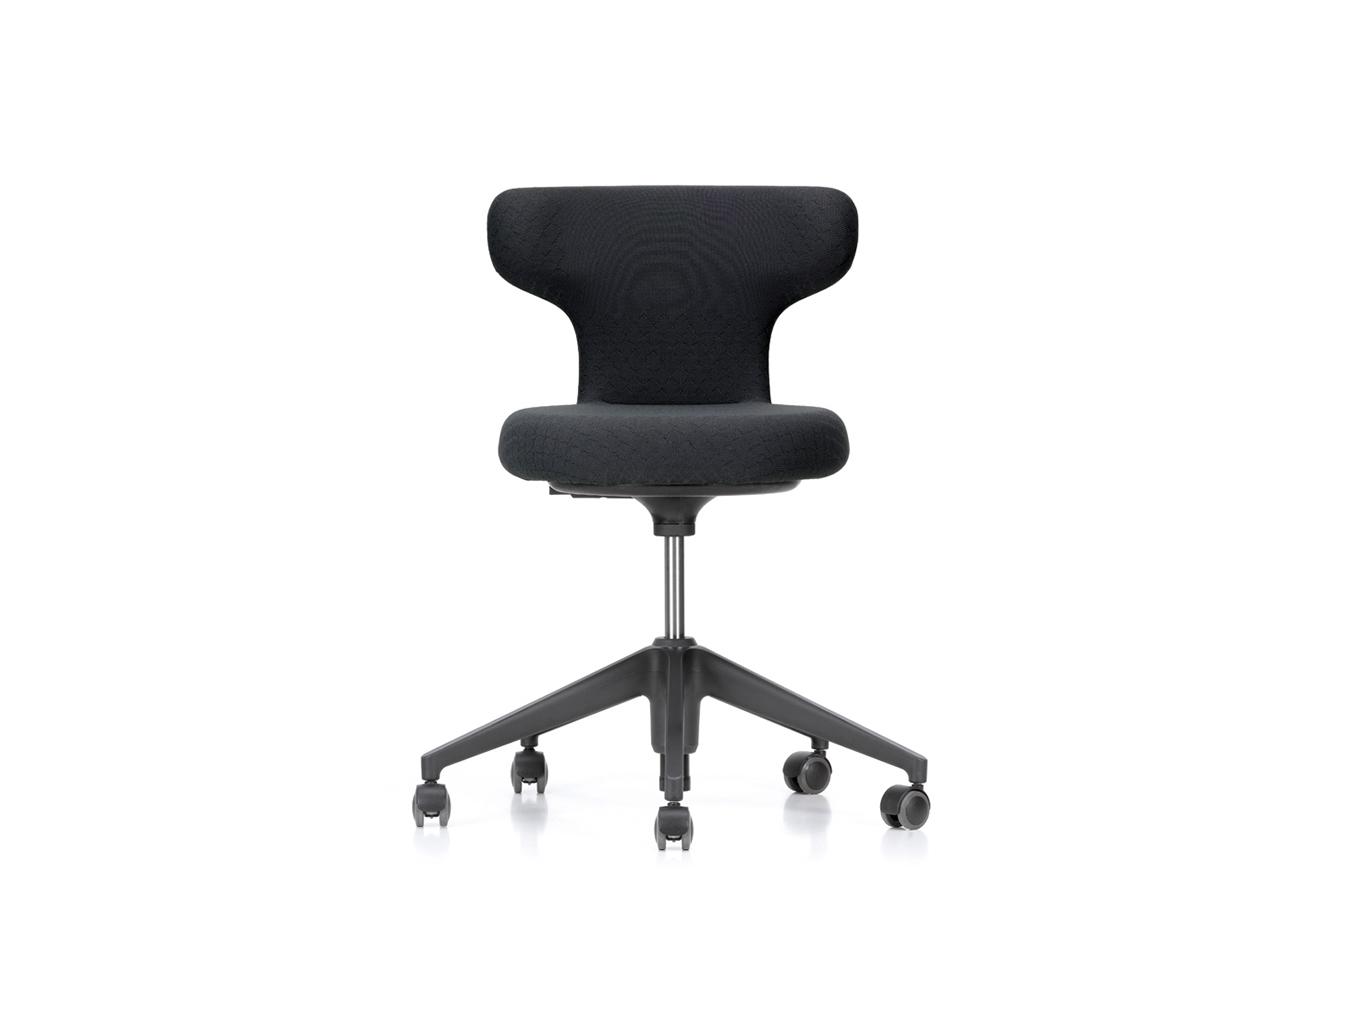 办公椅|职员椅|创意家具|现代家居|时尚家具|设计师家具|定制家具|实木家具|Pivot 职员椅